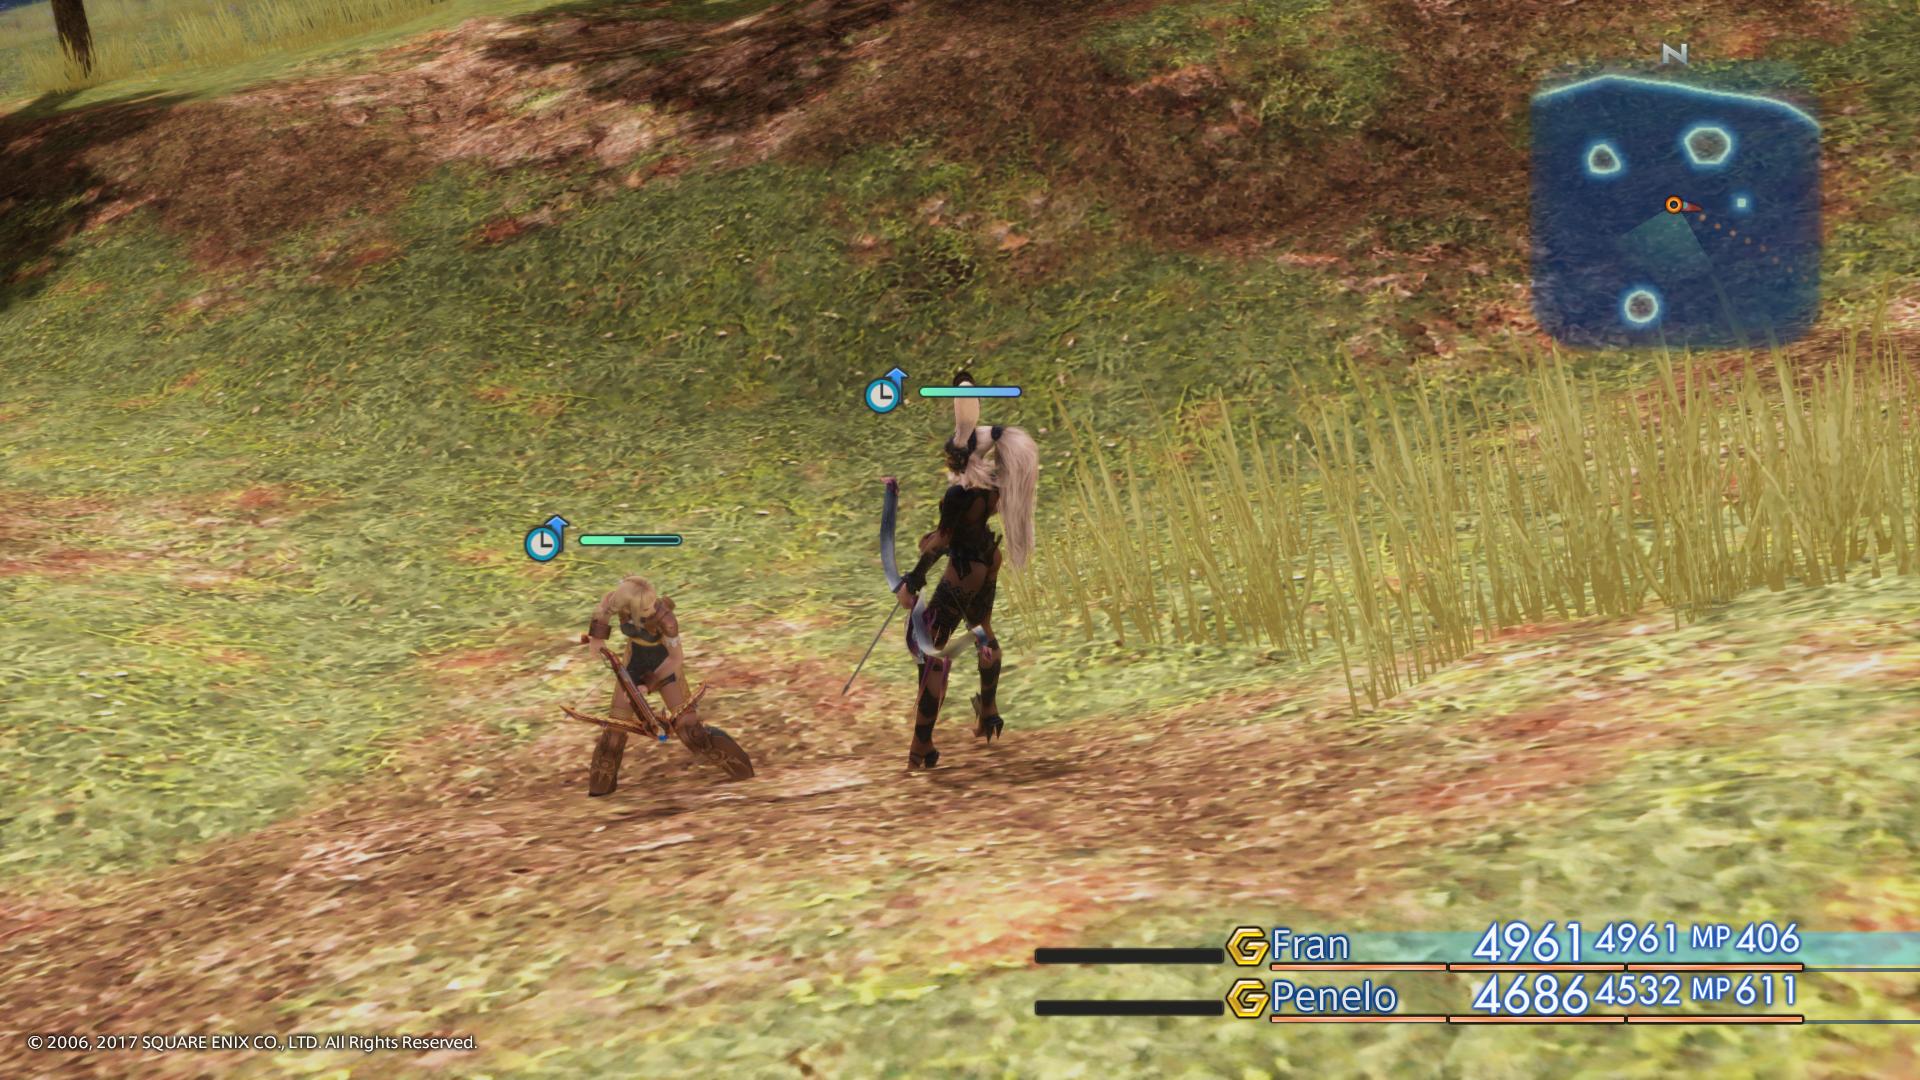 Guida Final Fantasy XII: The Zodiac Age – Equipaggiamento: Armi a lungo raggio – Parte 1: Archi e Balestre